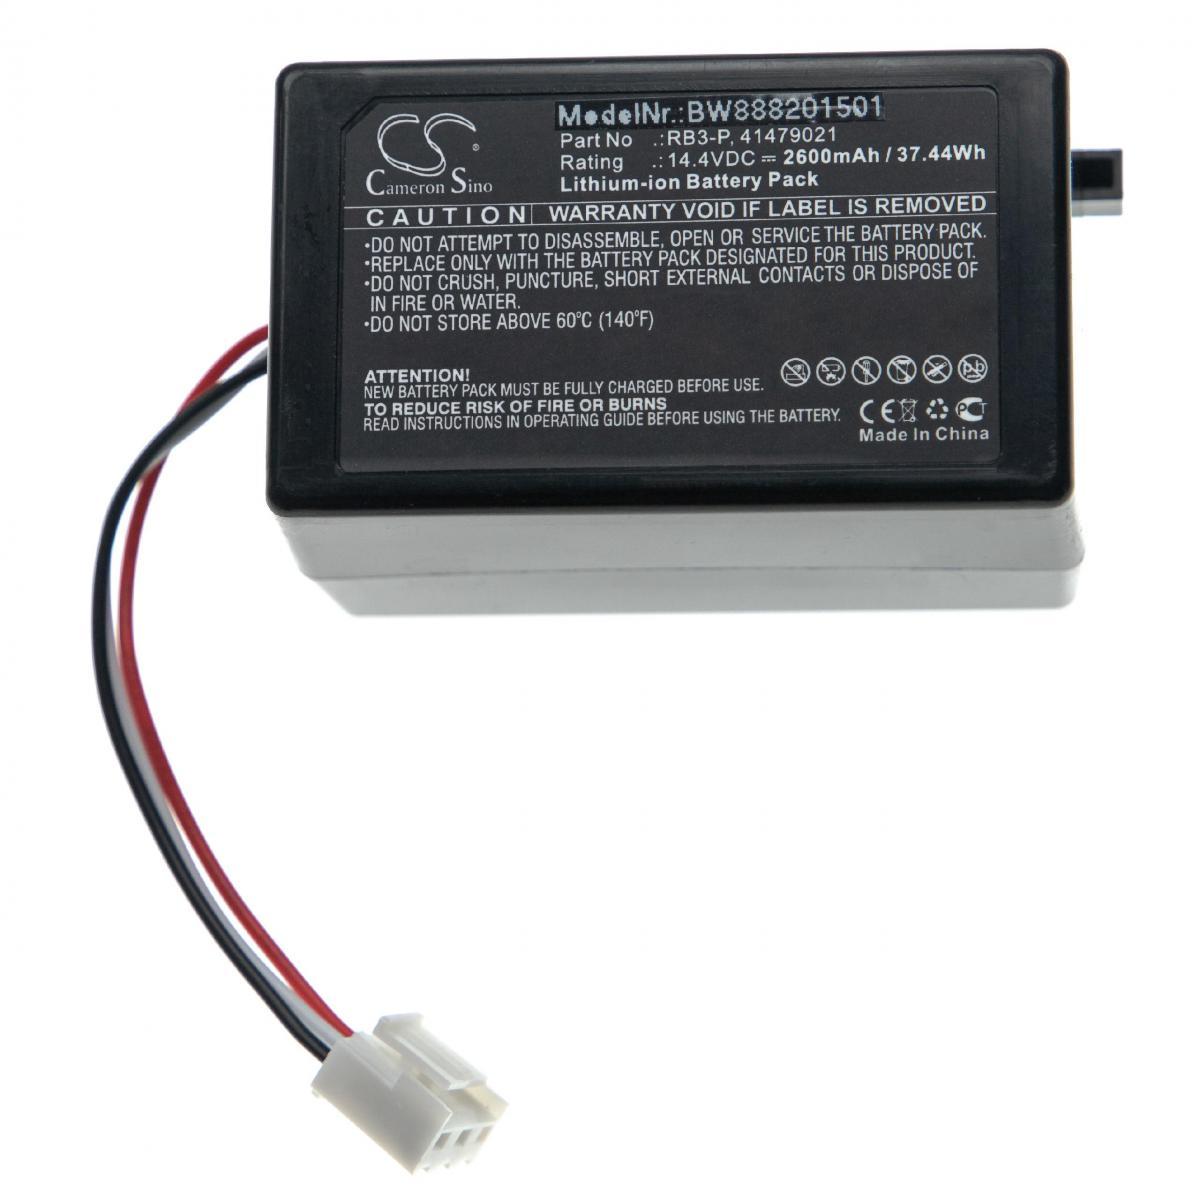 Vhbw vhbw batterie remplace Toshiba RB3-P, 41479021 pour aspirateur Home Cleaner (2600mAh, 14,4V, Li-Ion)